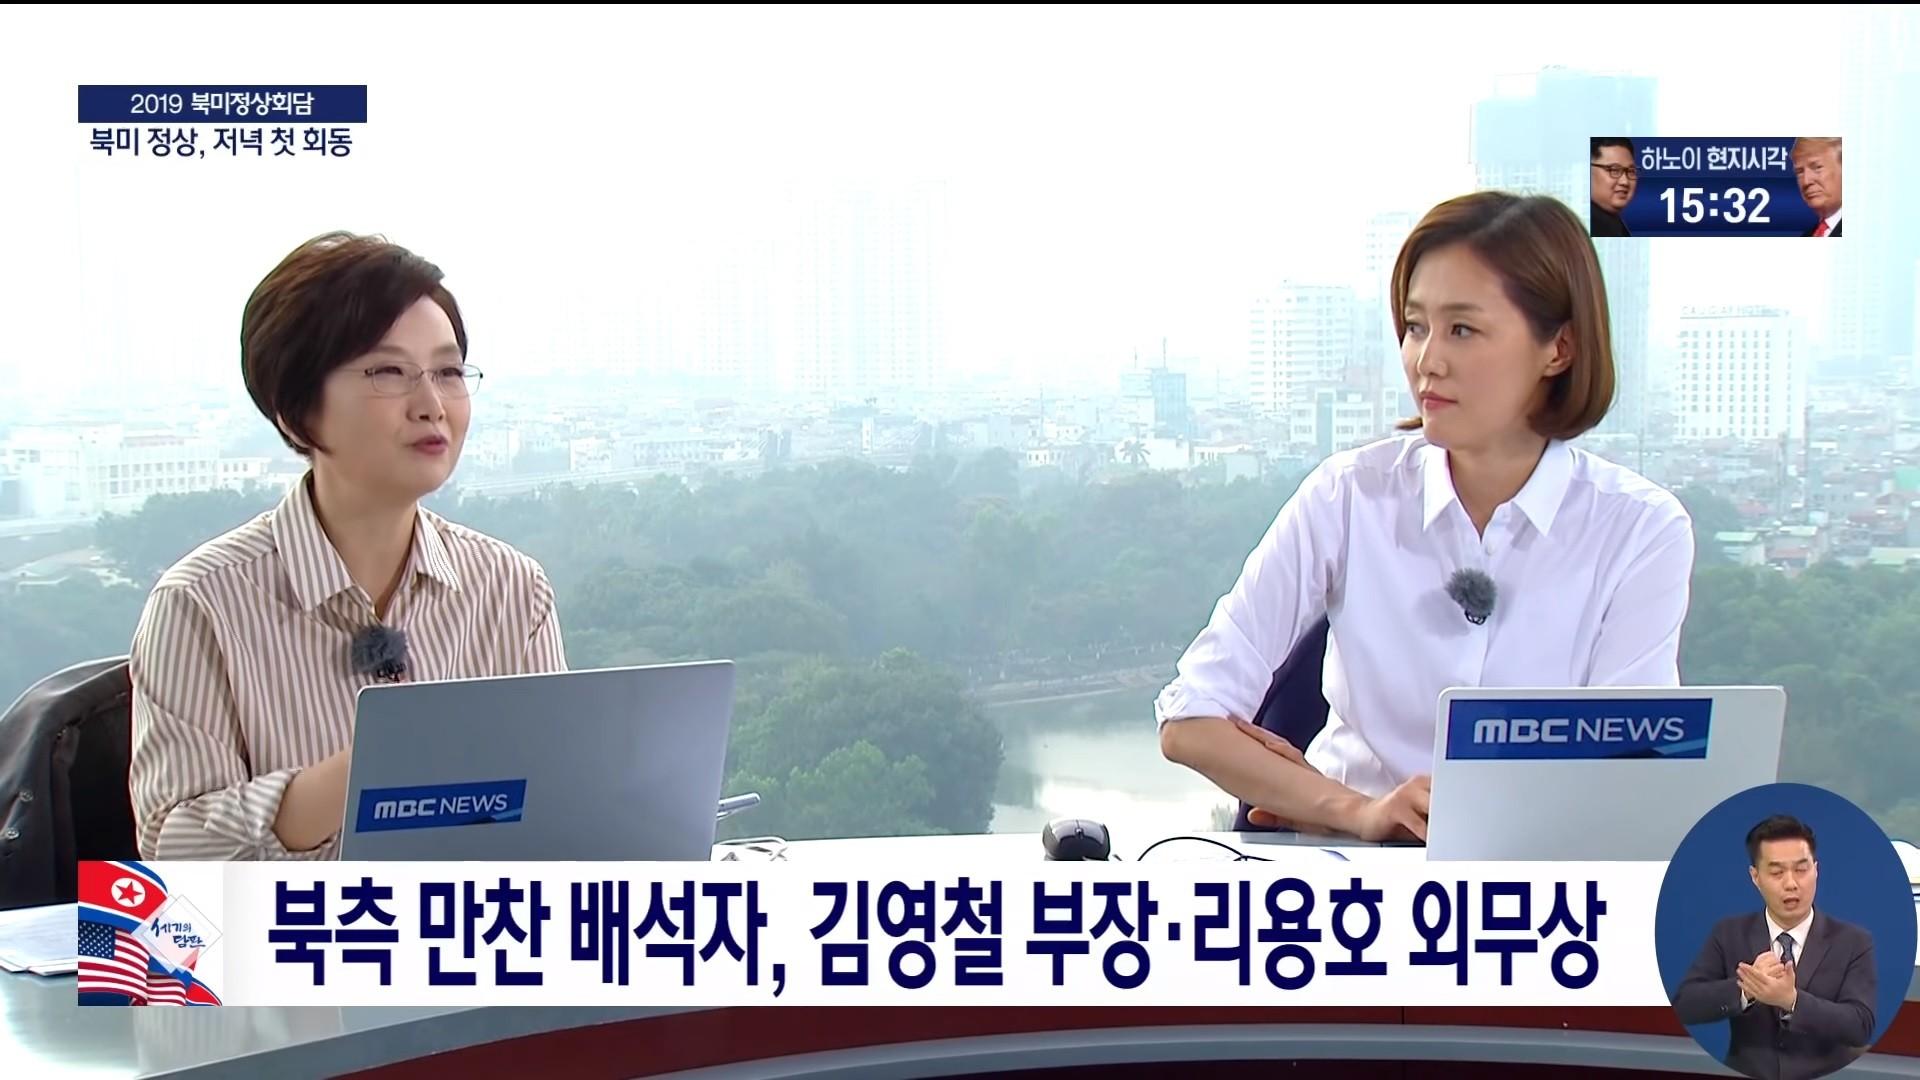 ▲▼南韓主播背景好美,拉遠一看才知用生命播報。(圖/翻攝自YouTube/MBCNEWS)